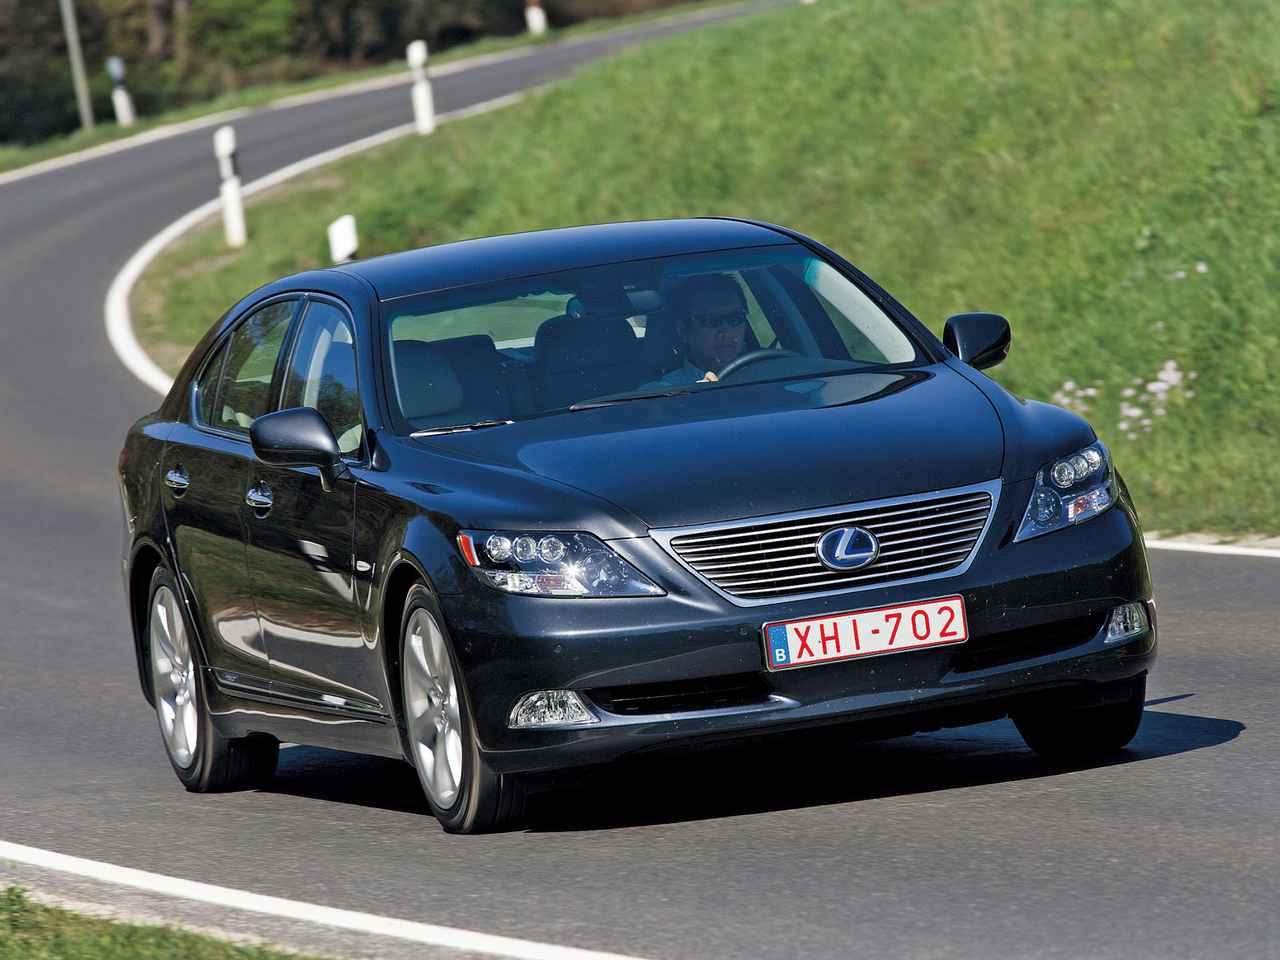 【ヒットの法則318】レクサスLS600hは世界へ向けて新たなプレミアムカーの姿を提案した